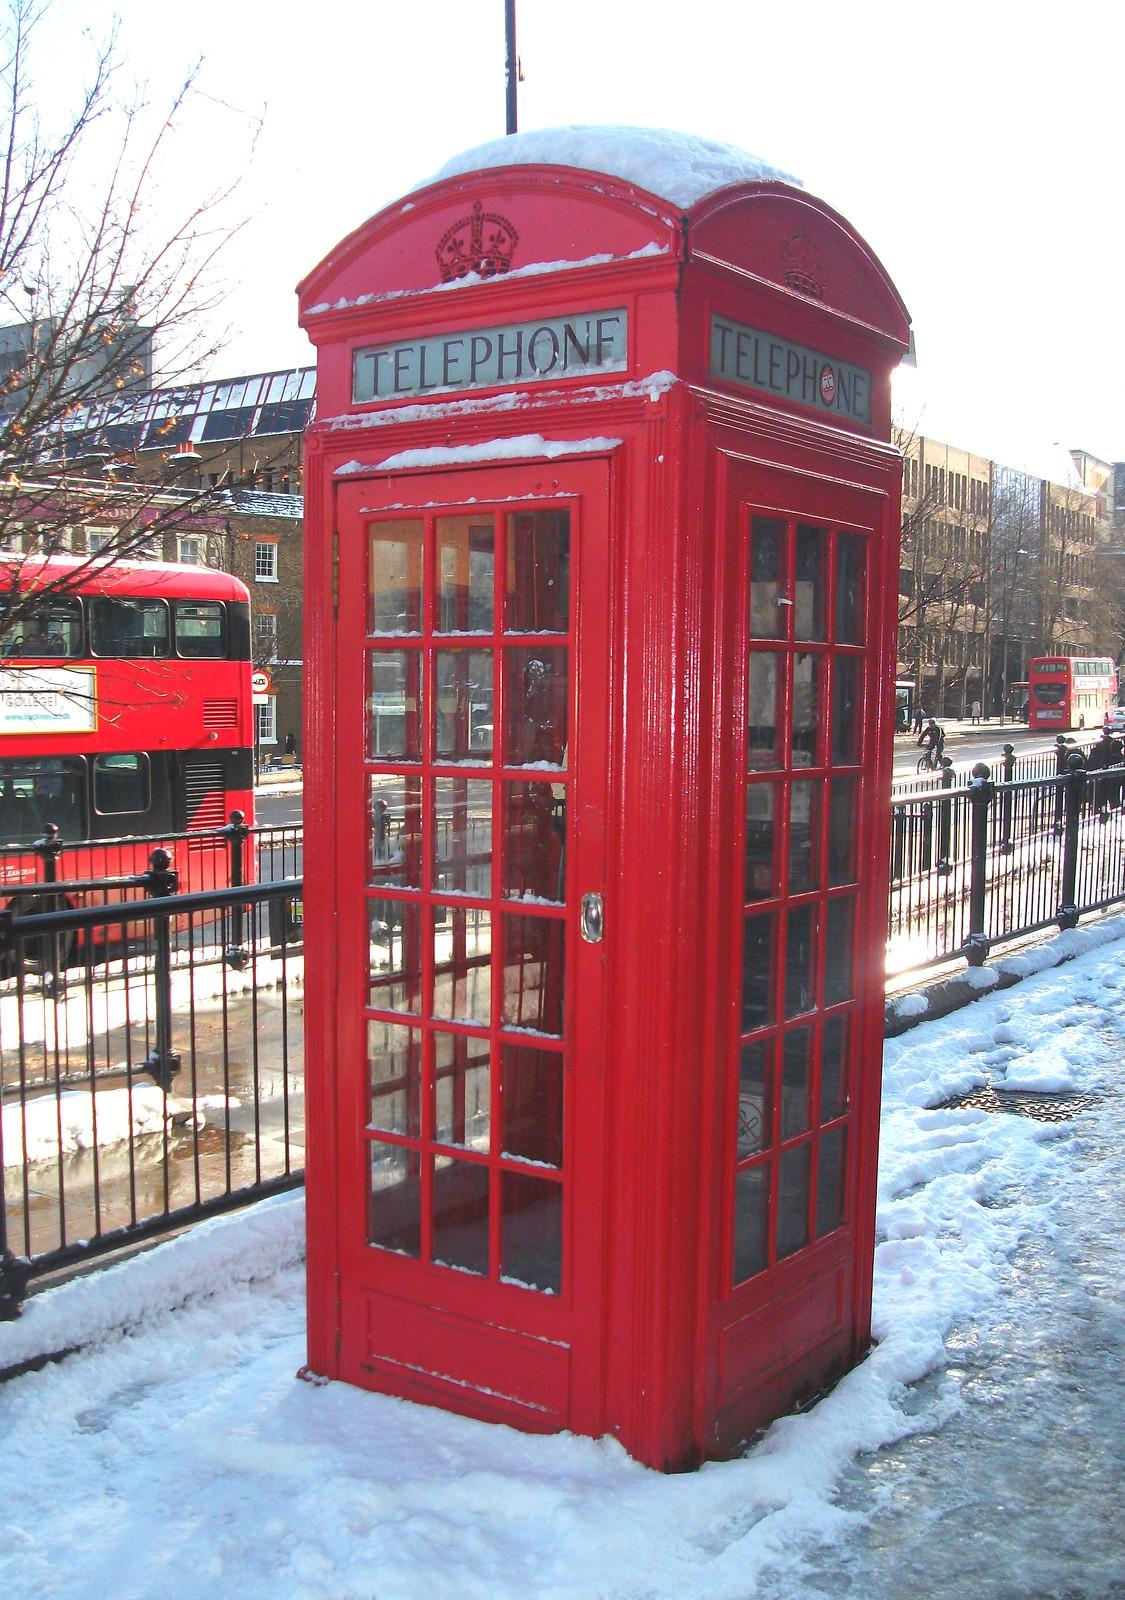 Telephone box in Islington, Fujifilm FinePix AV130